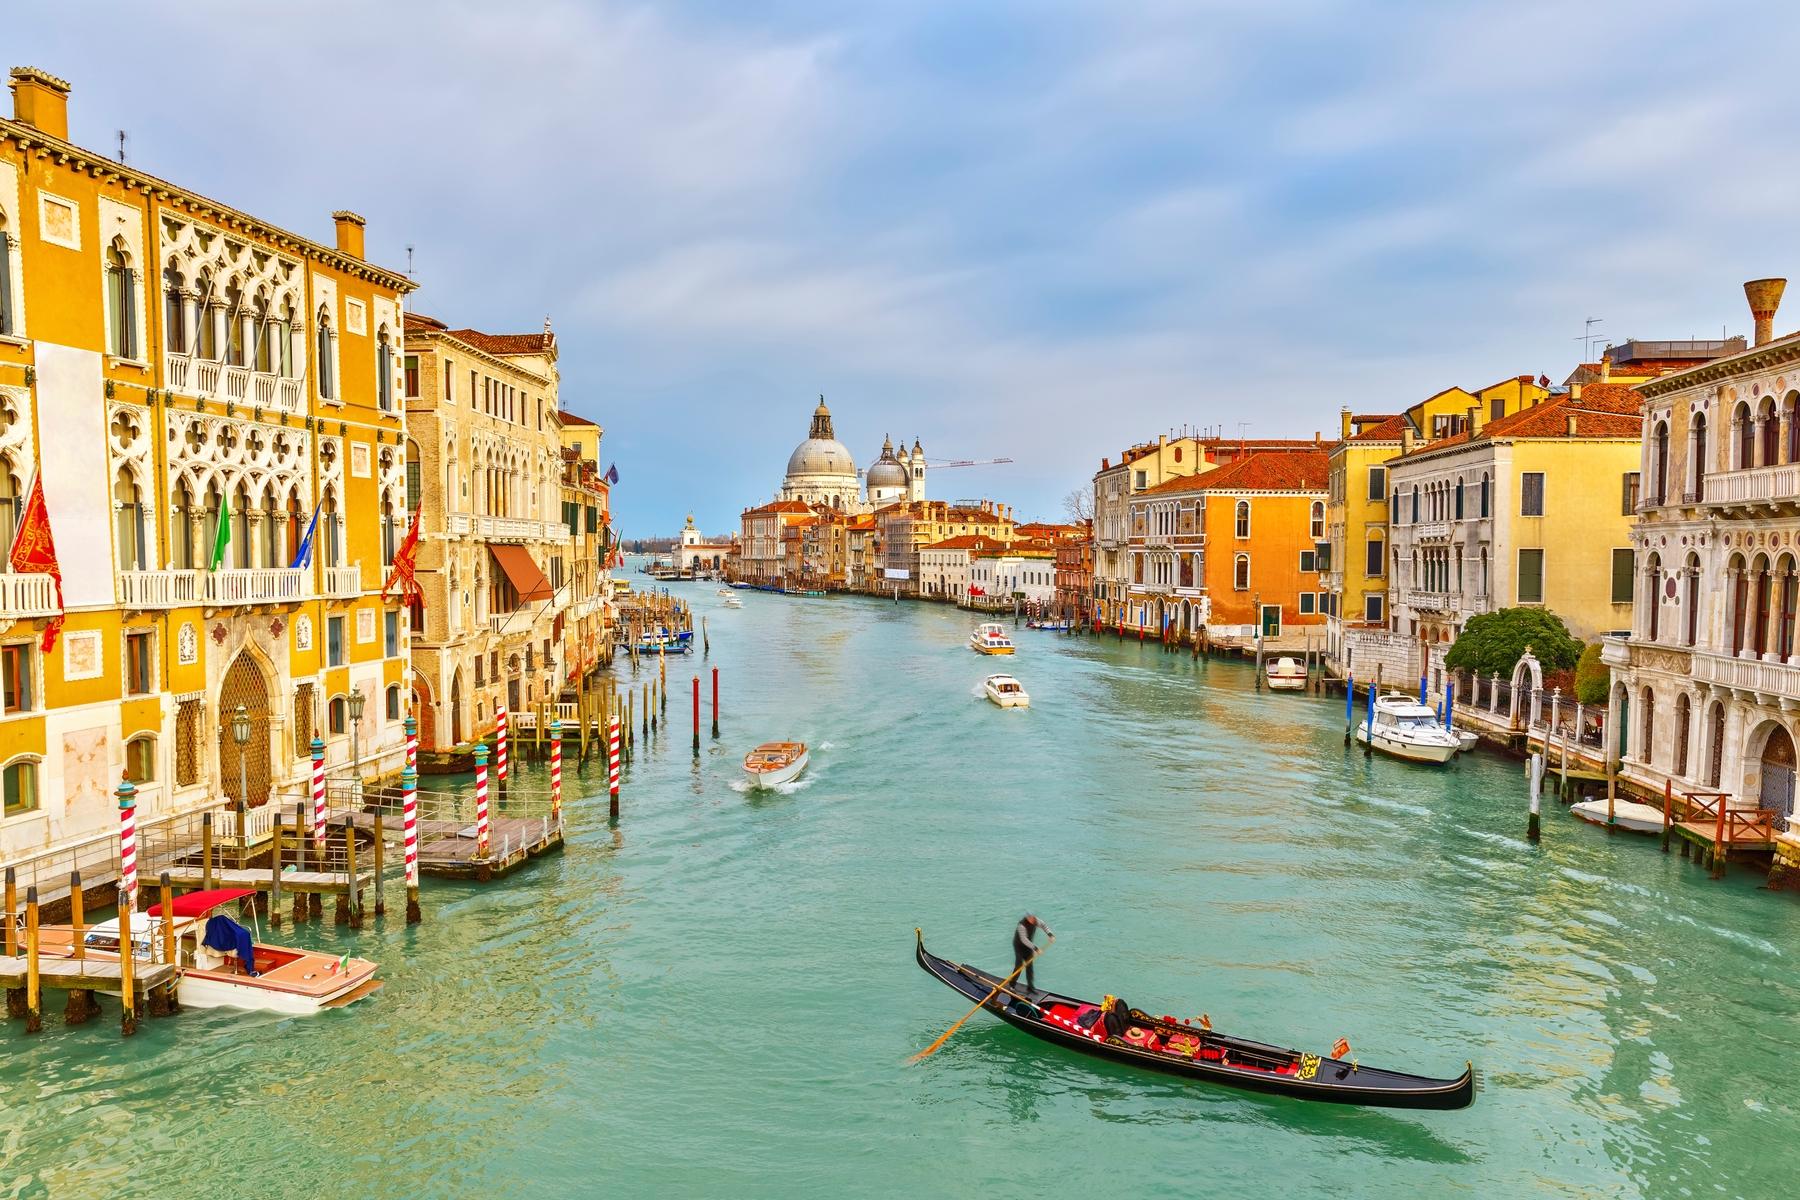 Lugares más bonitos de Italia: Venecia